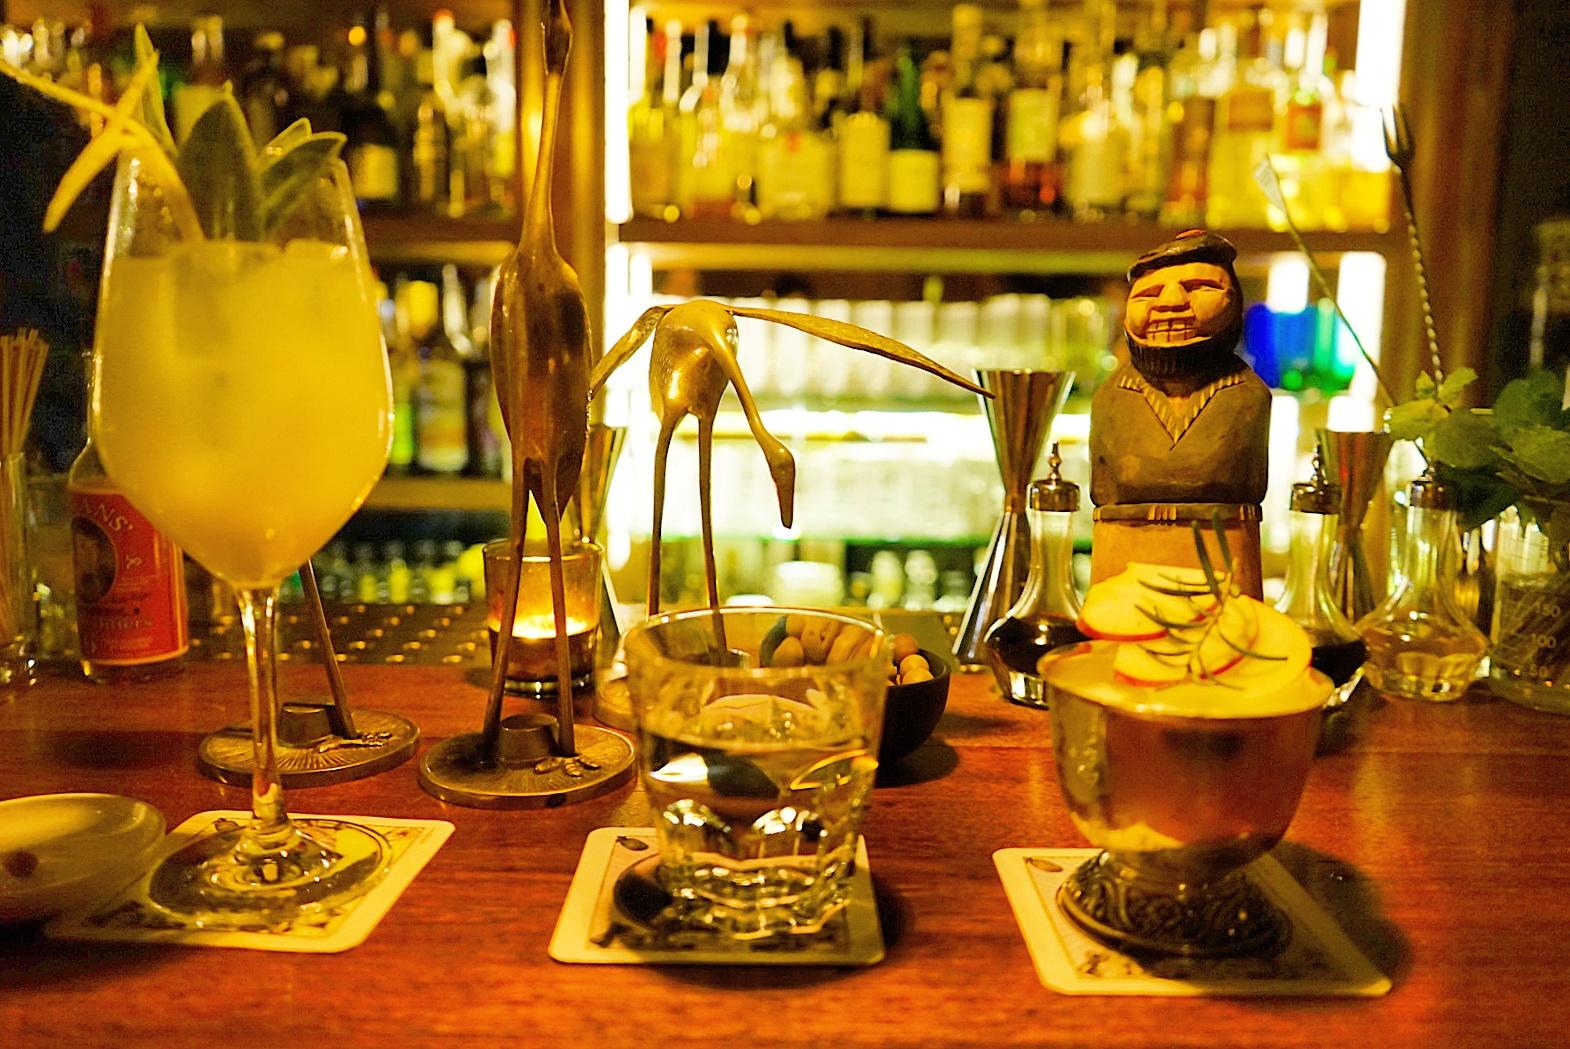 Le Chameau Bleu - Escapade à Gand en Belgique - Bar a cocktail Jigger